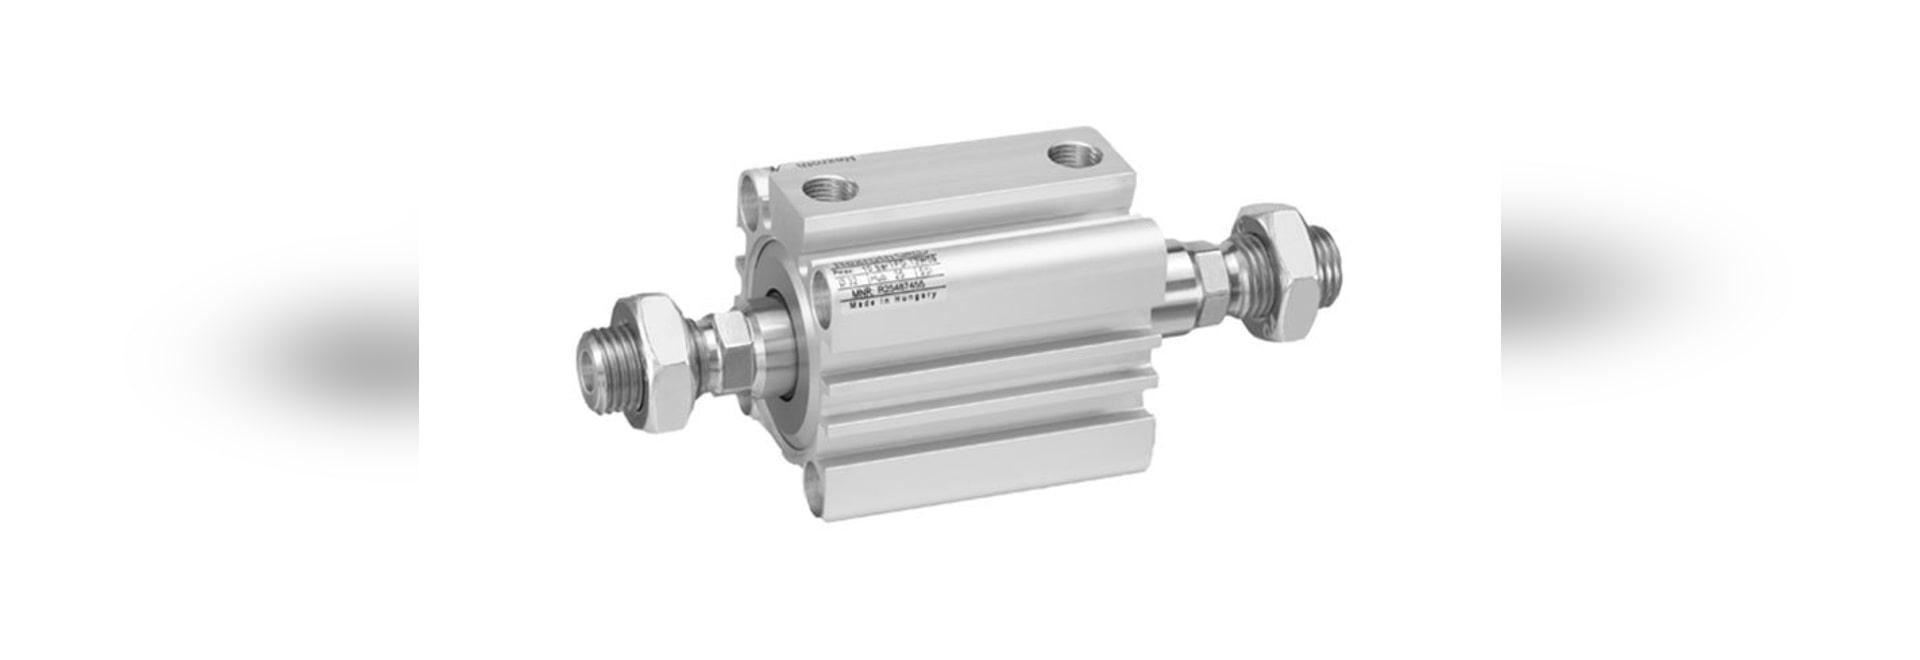 Kurzhub- und Kompaktzylinder - SSI-Serie